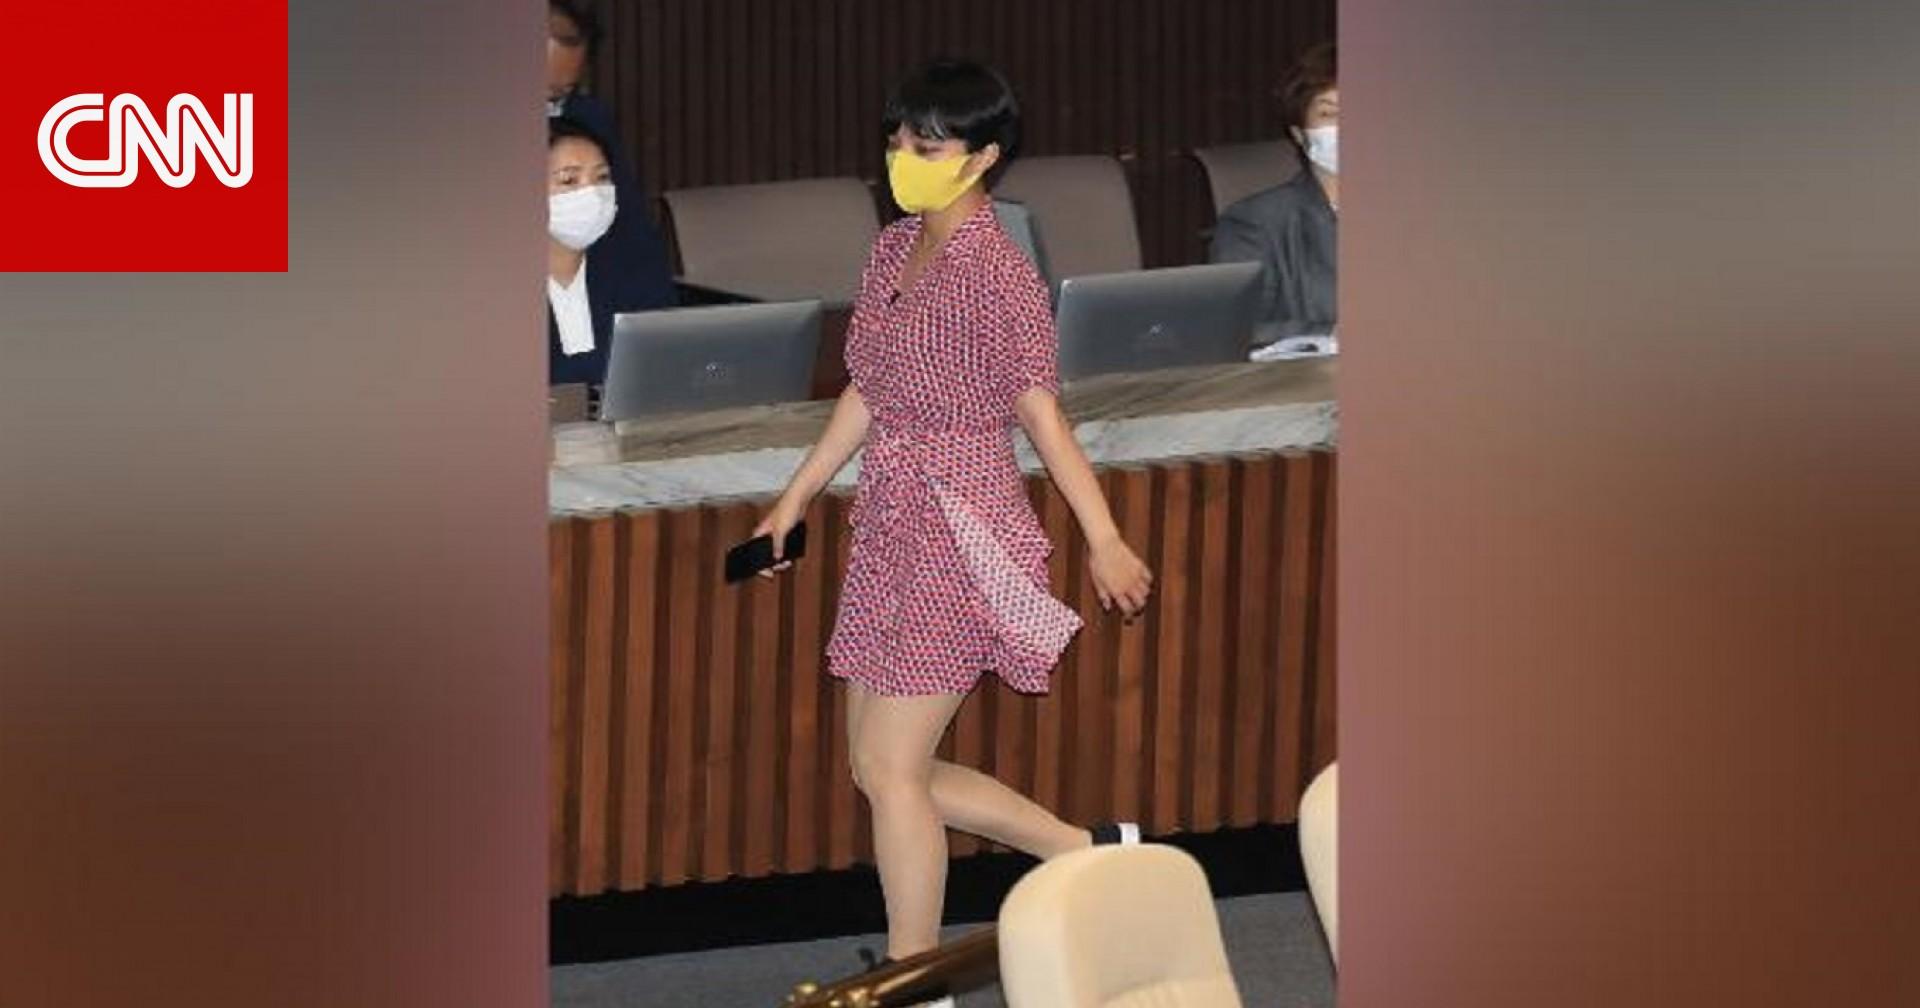 كانت ترتدي فستاناً ... نائبة تتعرض للهجوم بسبب فستانها في البرلمان الكوري الجنوبي